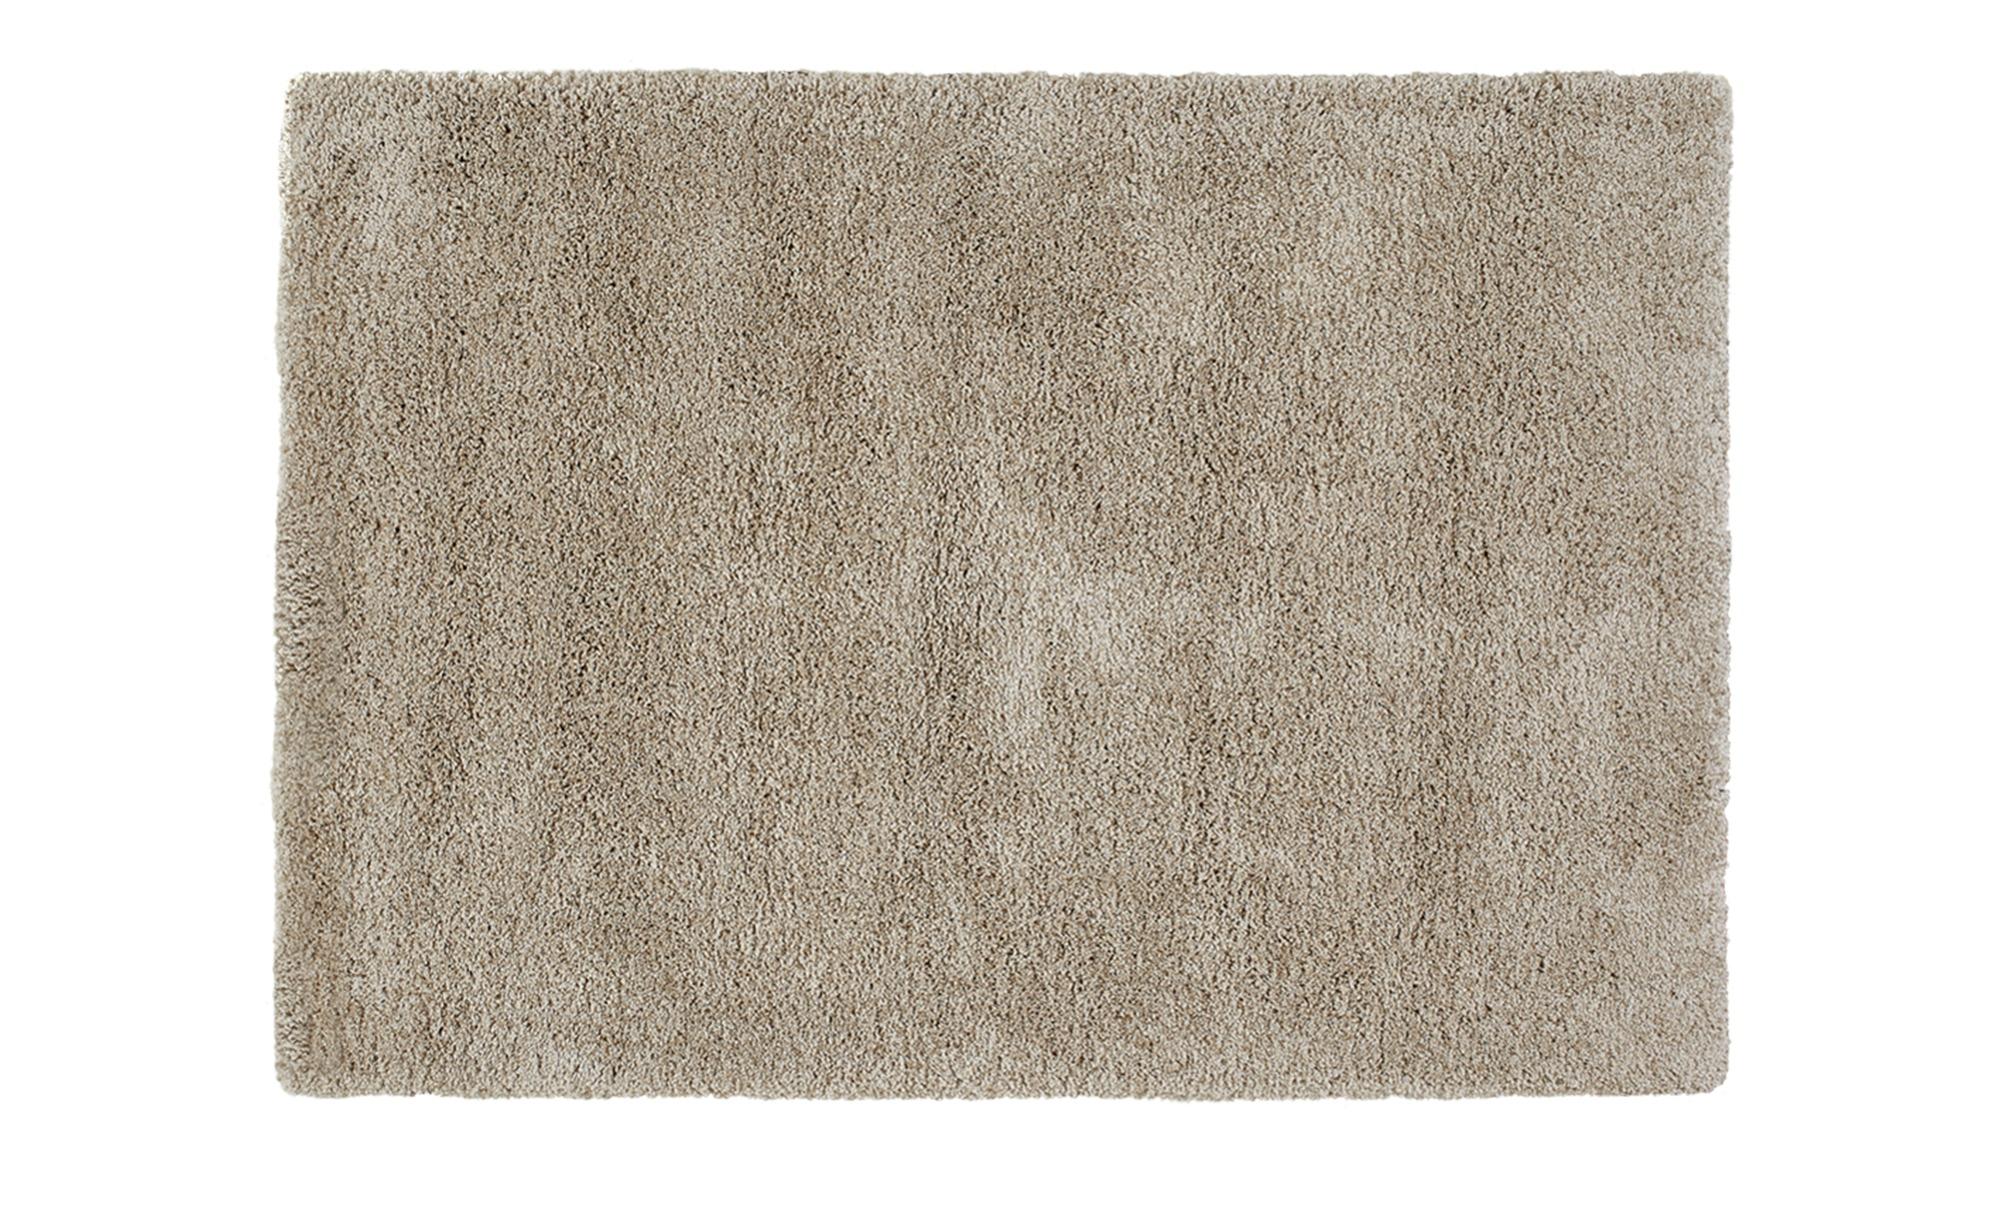 Webteppich  Shaggy Royal ¦ beige ¦ 100 % Polypropylen, Synthethische Fasern ¦ Maße (cm): B: 140 Teppiche > Wohnteppiche - Höffner